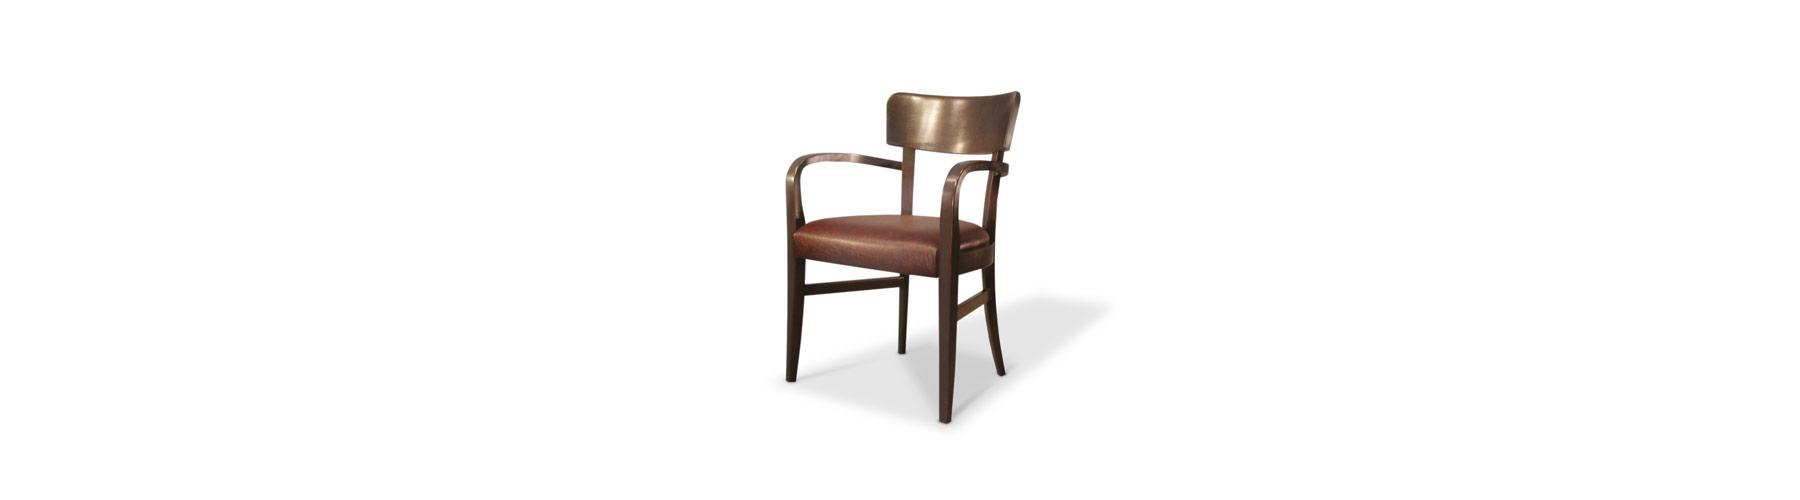 Madison avec bras - Chaise William